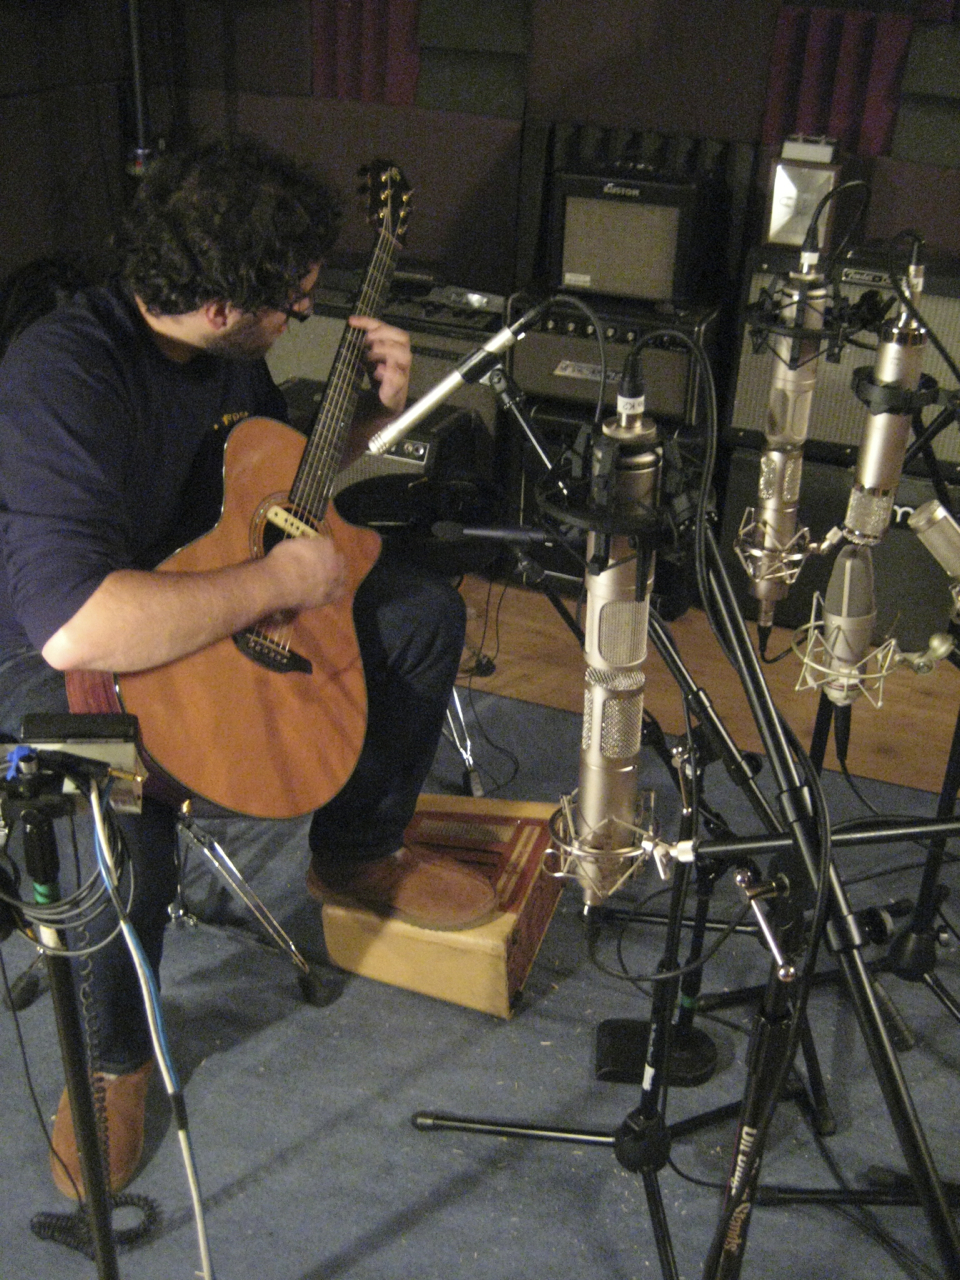 So many mics!